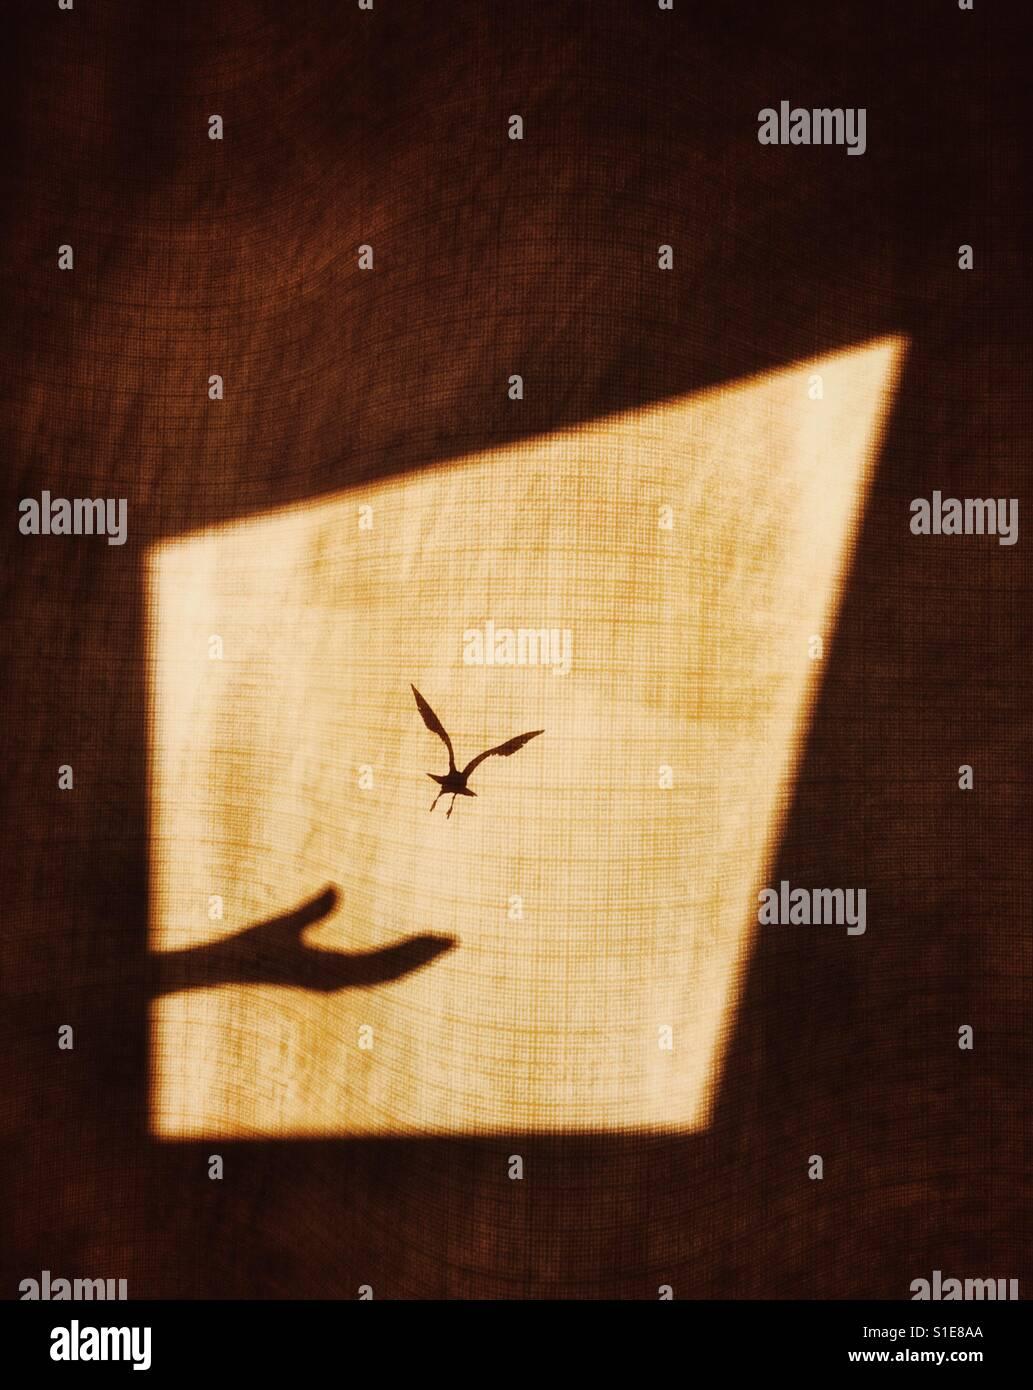 Schatten der Hand Realisierung Vogel auf einem Fenstervorhang, das Konzept der Flug für die Freiheit zu zeigen Stockbild